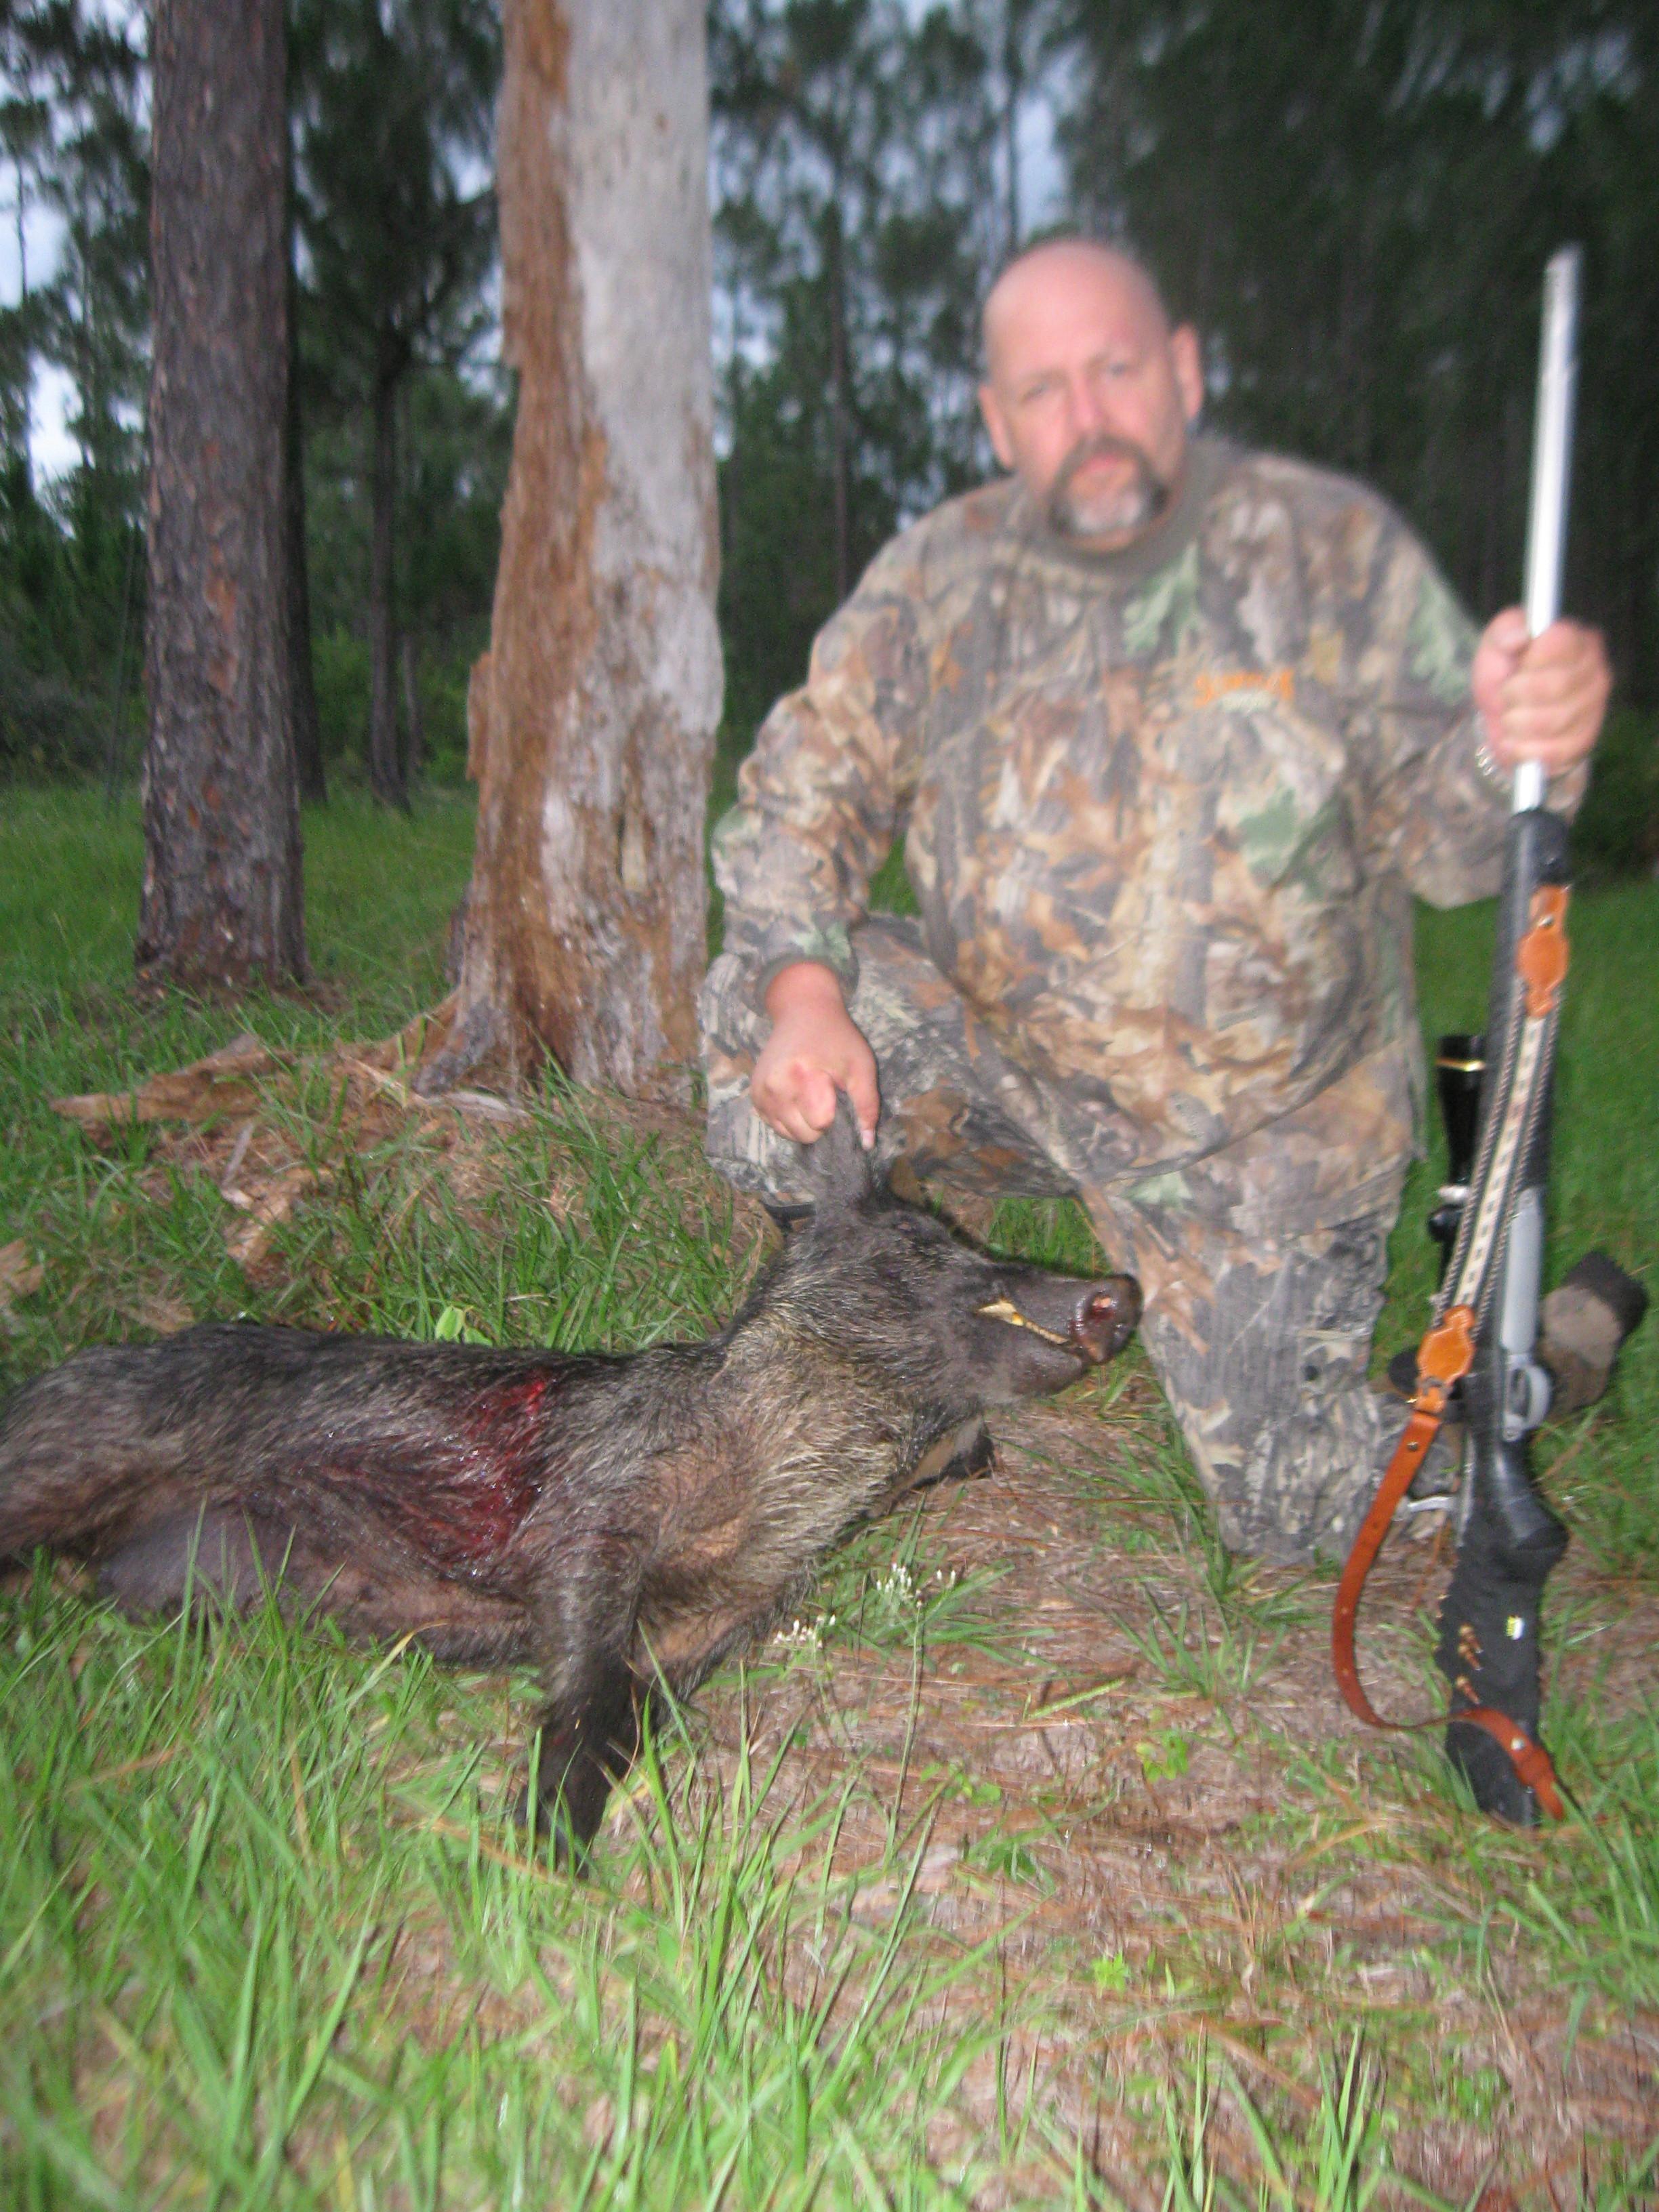 Naples-Hog-Hunting-Outfitter.JPG